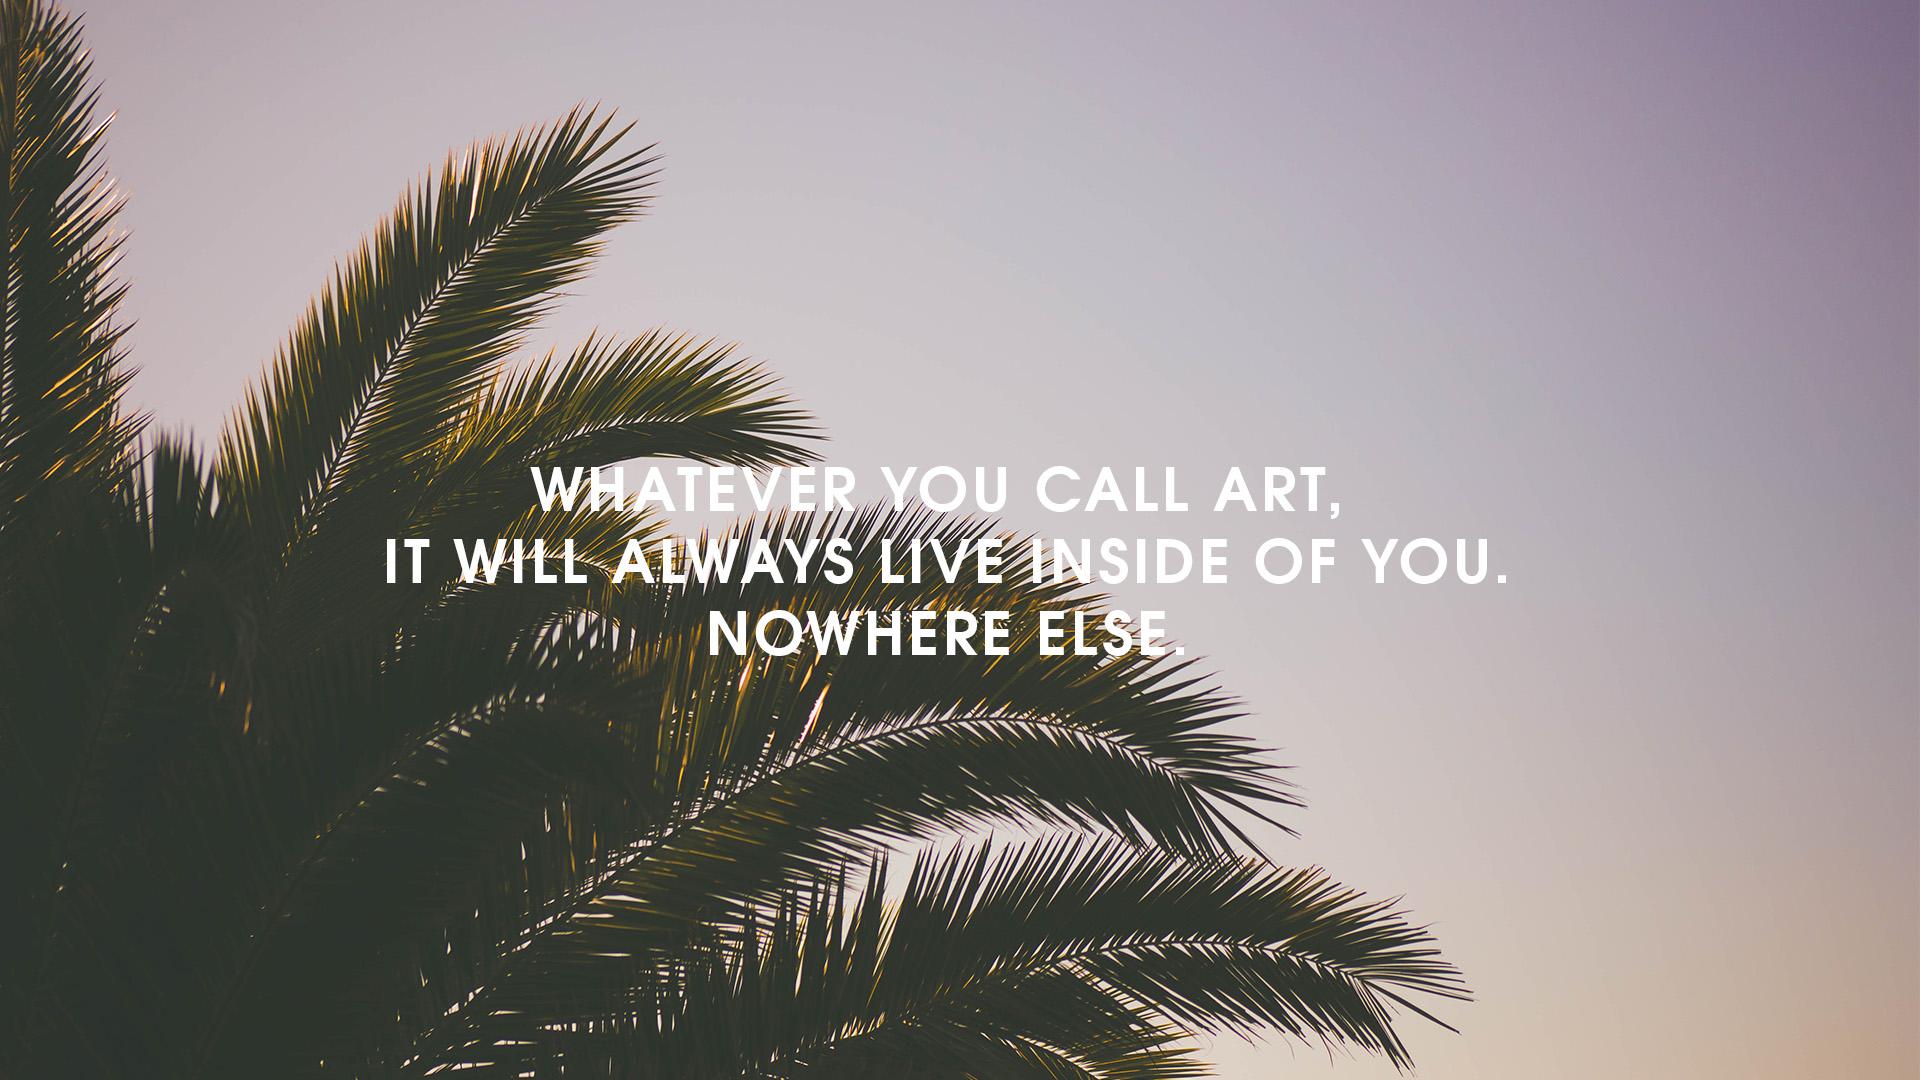 WHATEVER_YOU_CALL_ART